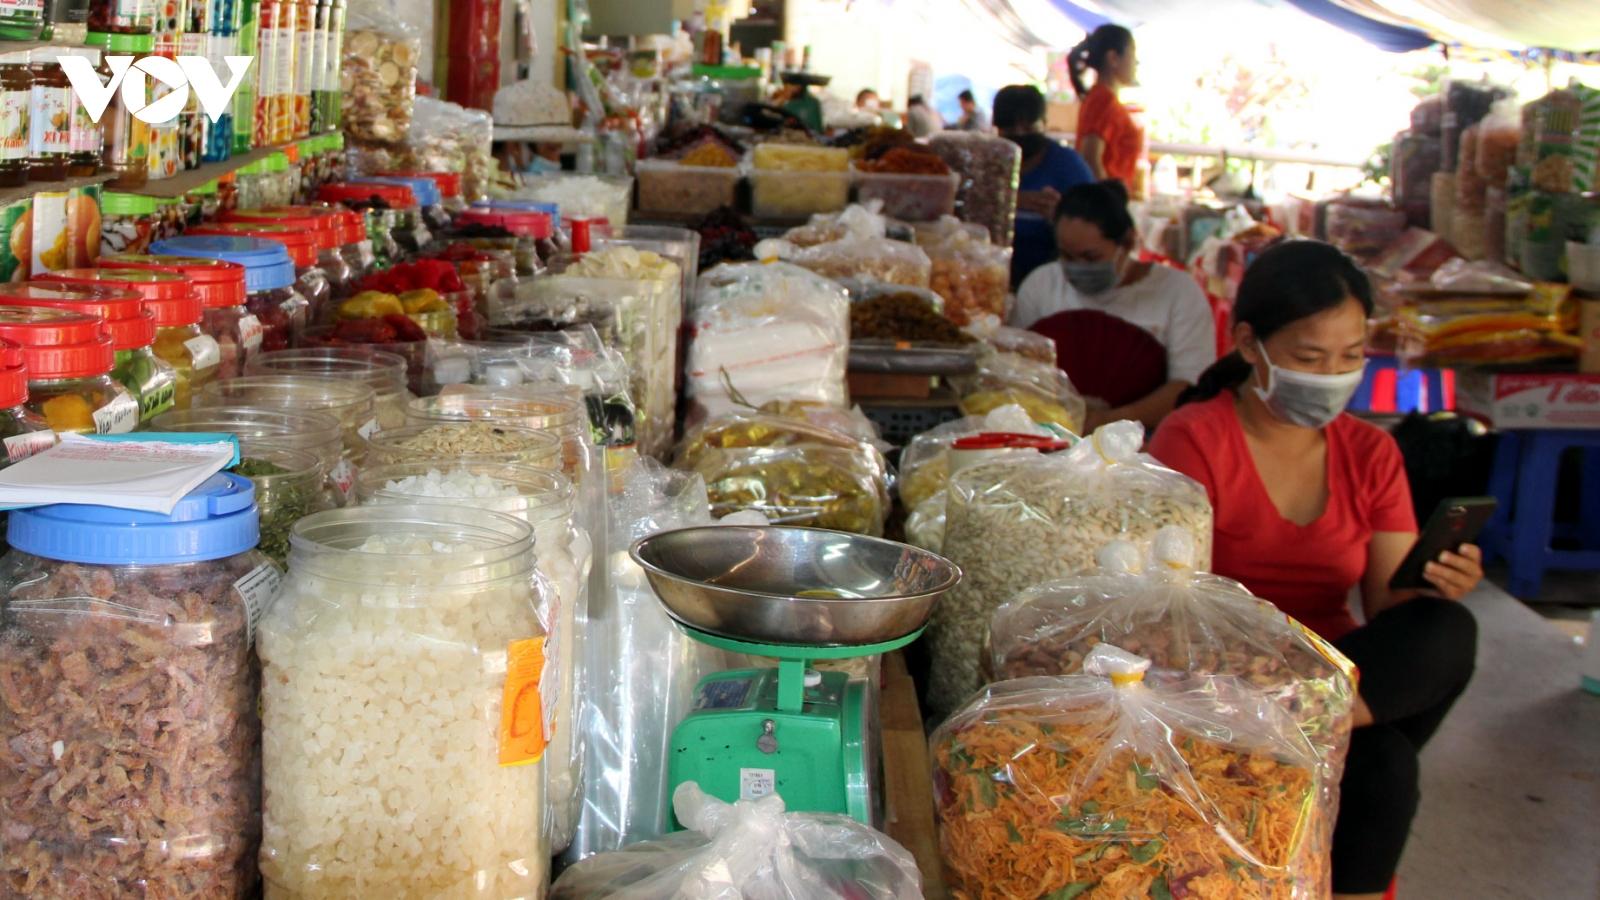 Bán hàng online giúp tiểu thương chợ truyền thống ổn định trongdịch bệnh